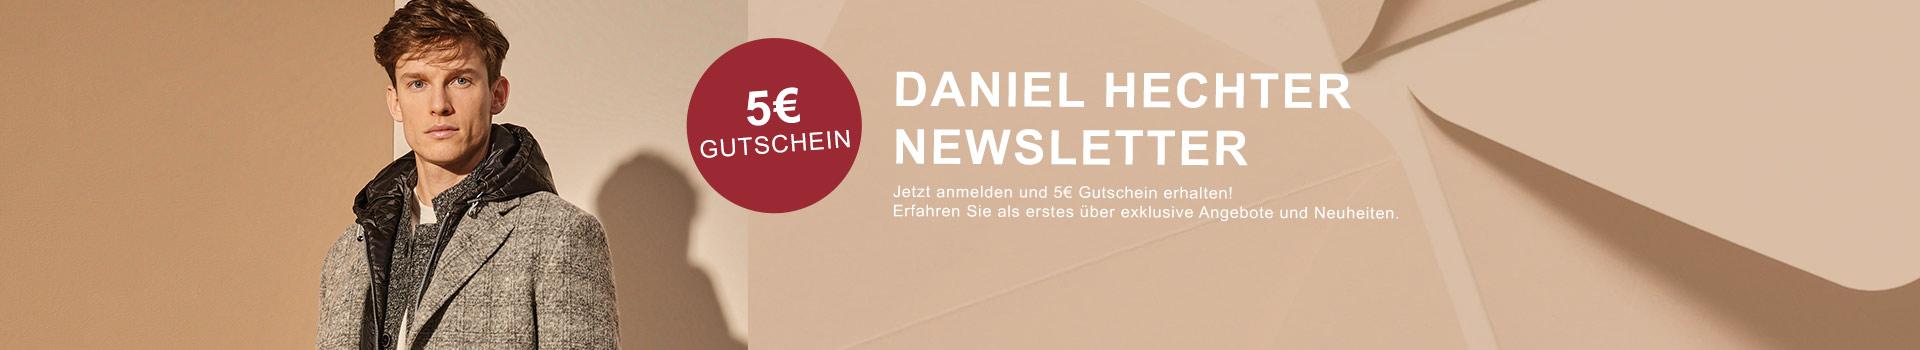 Erhalte 5€ Rabatt bei Newsletter Anmeldung